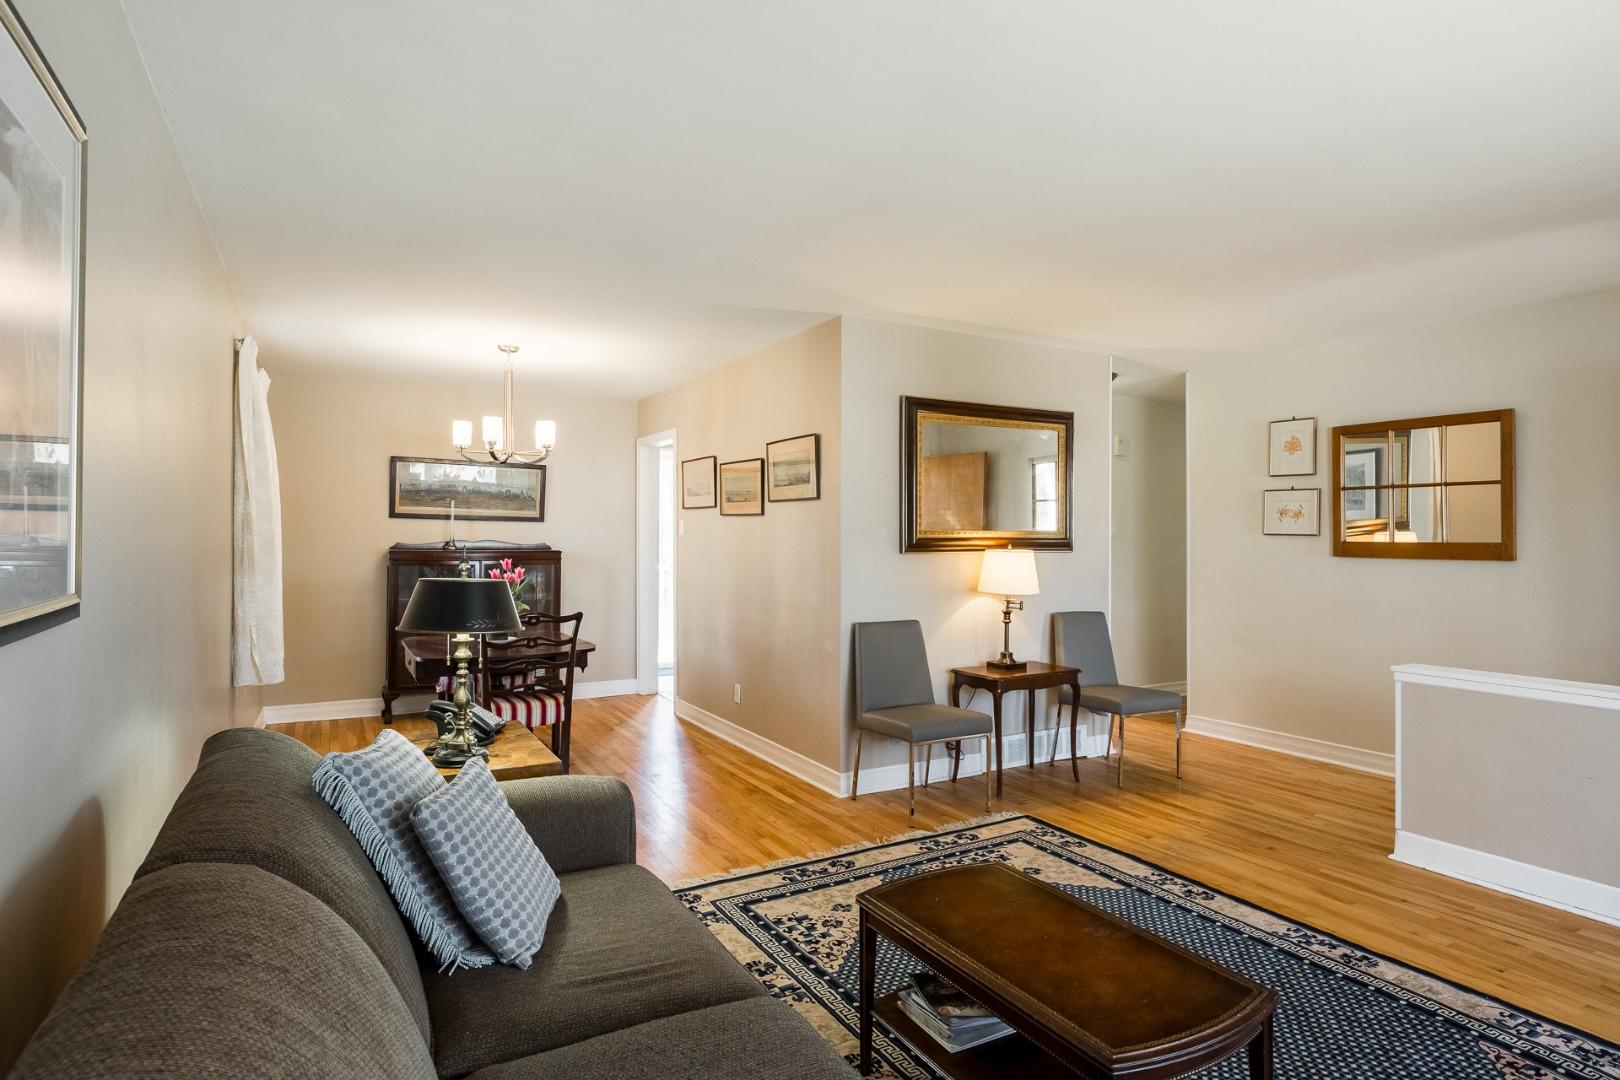 Maison à vendre_-_4351_rue_gilles_-_pierrefonds_-_steve_rouleau_-_al08.jpg